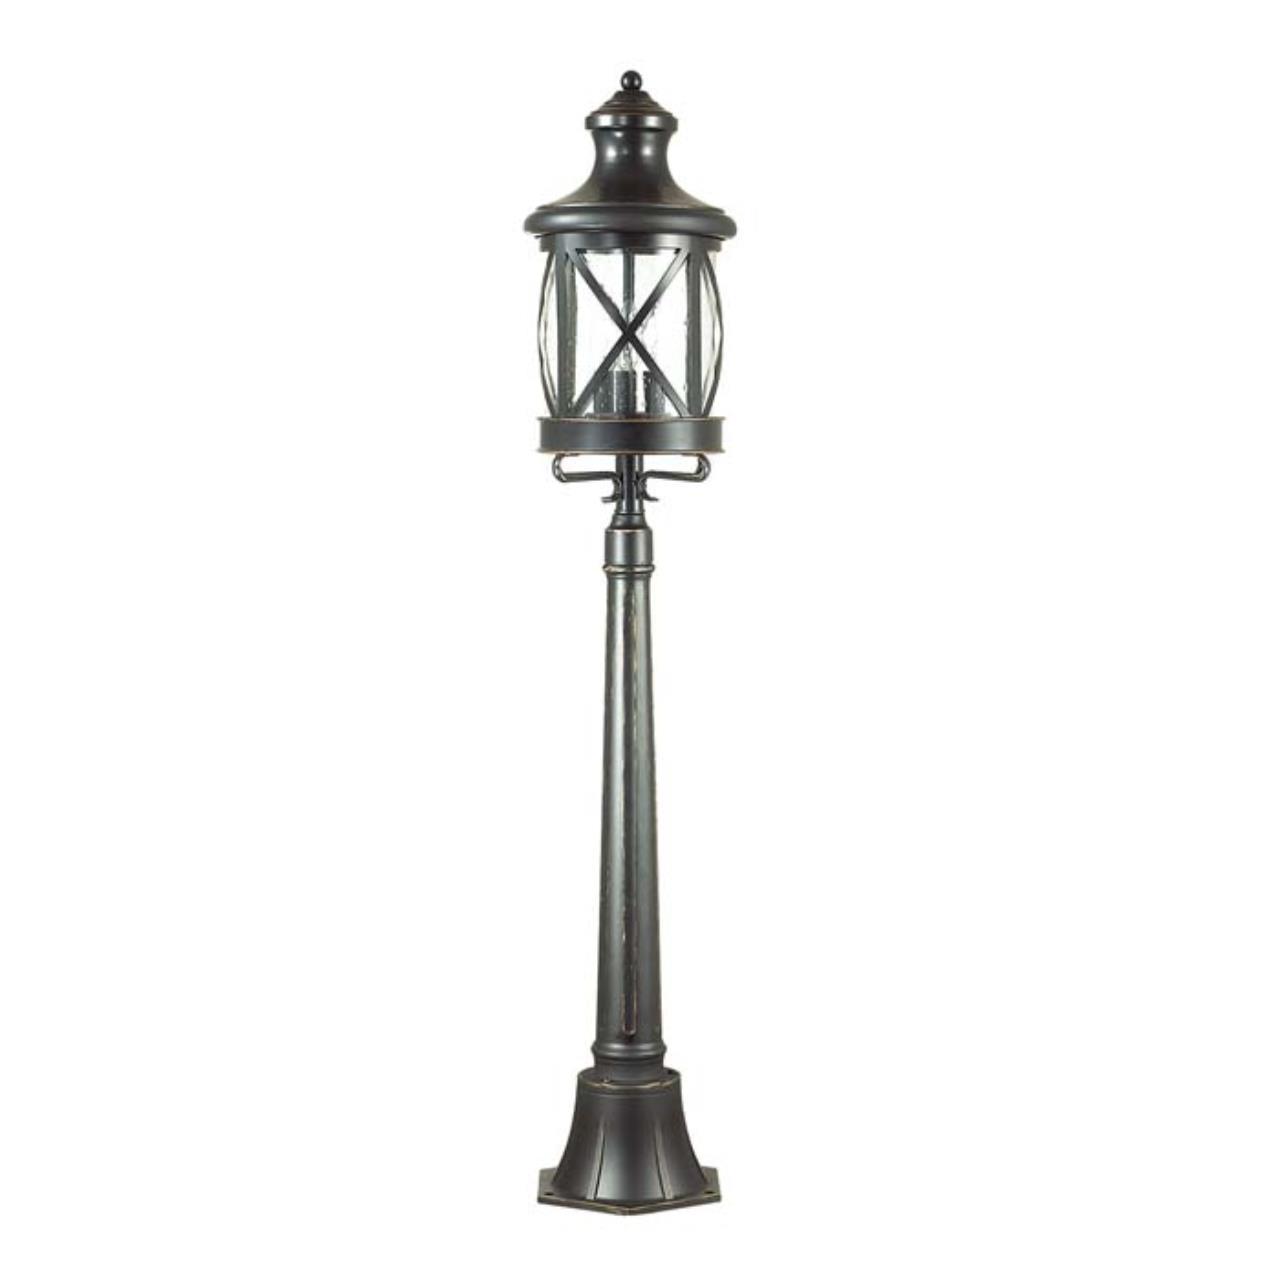 4045/3F NATURE ODL18 709 черный/золотая патина Уличный светильник, 124см IP44 E14 3*60W 220V SATION